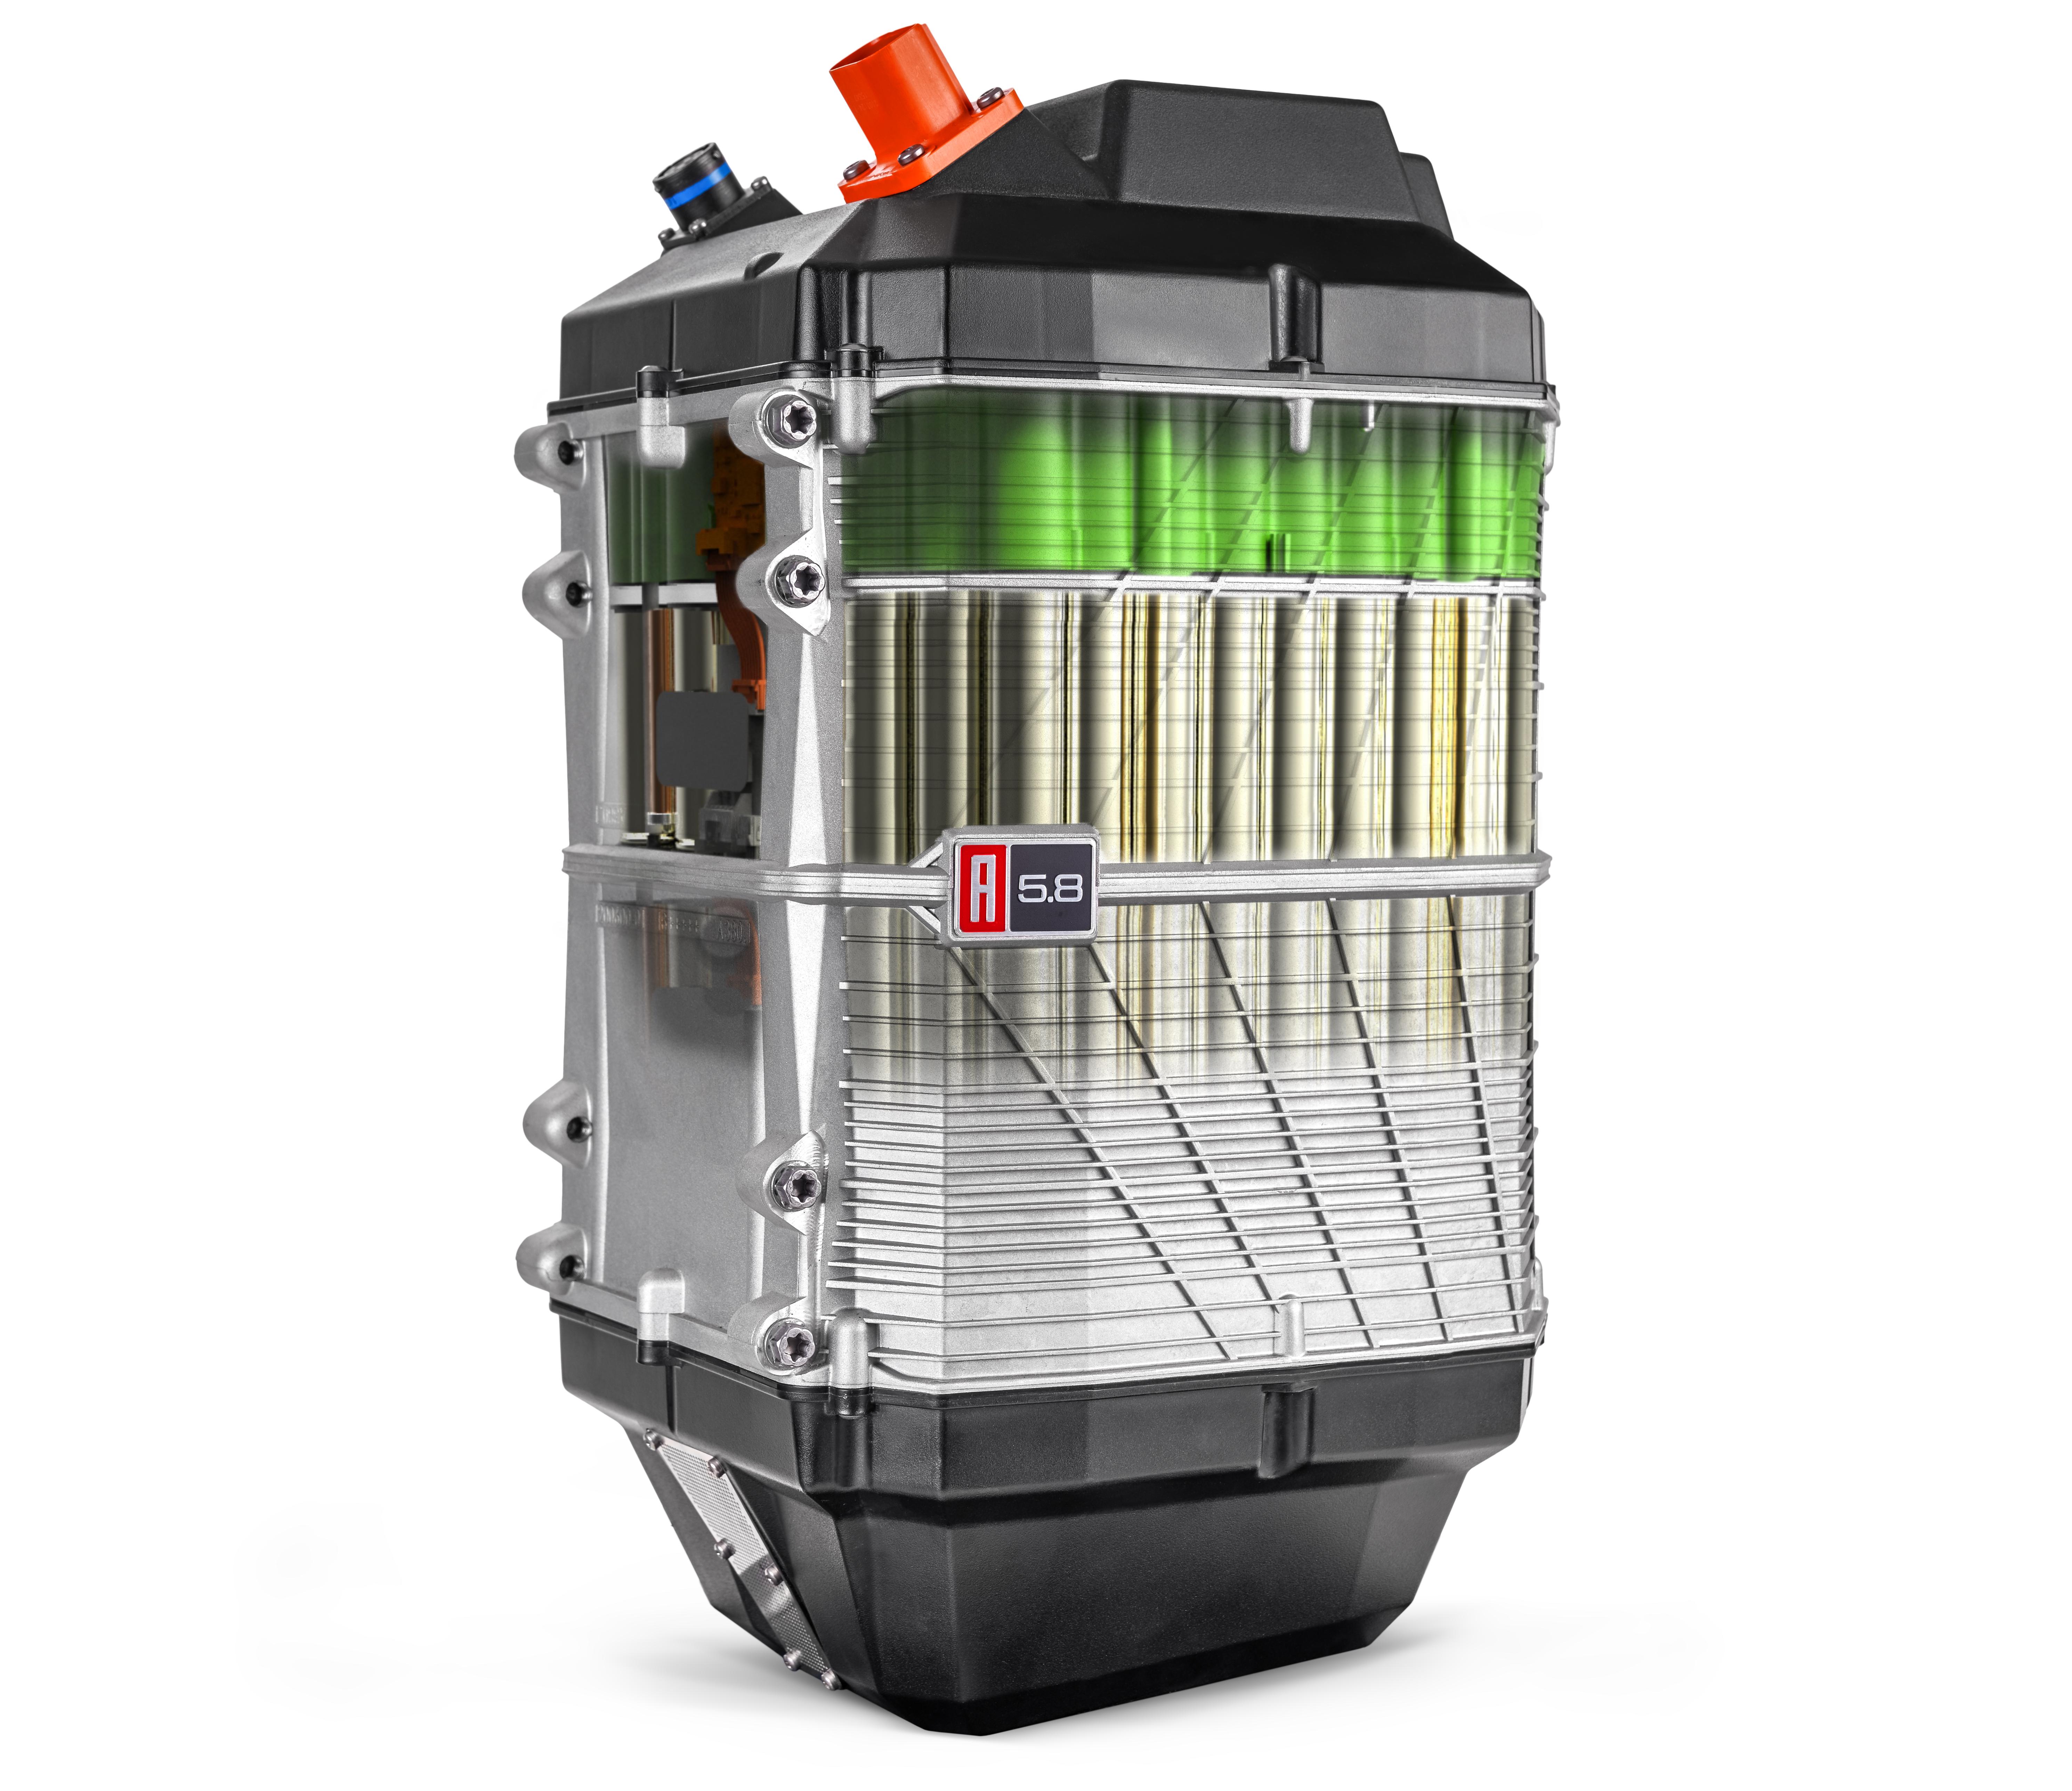 Alta A58 battery pack internals